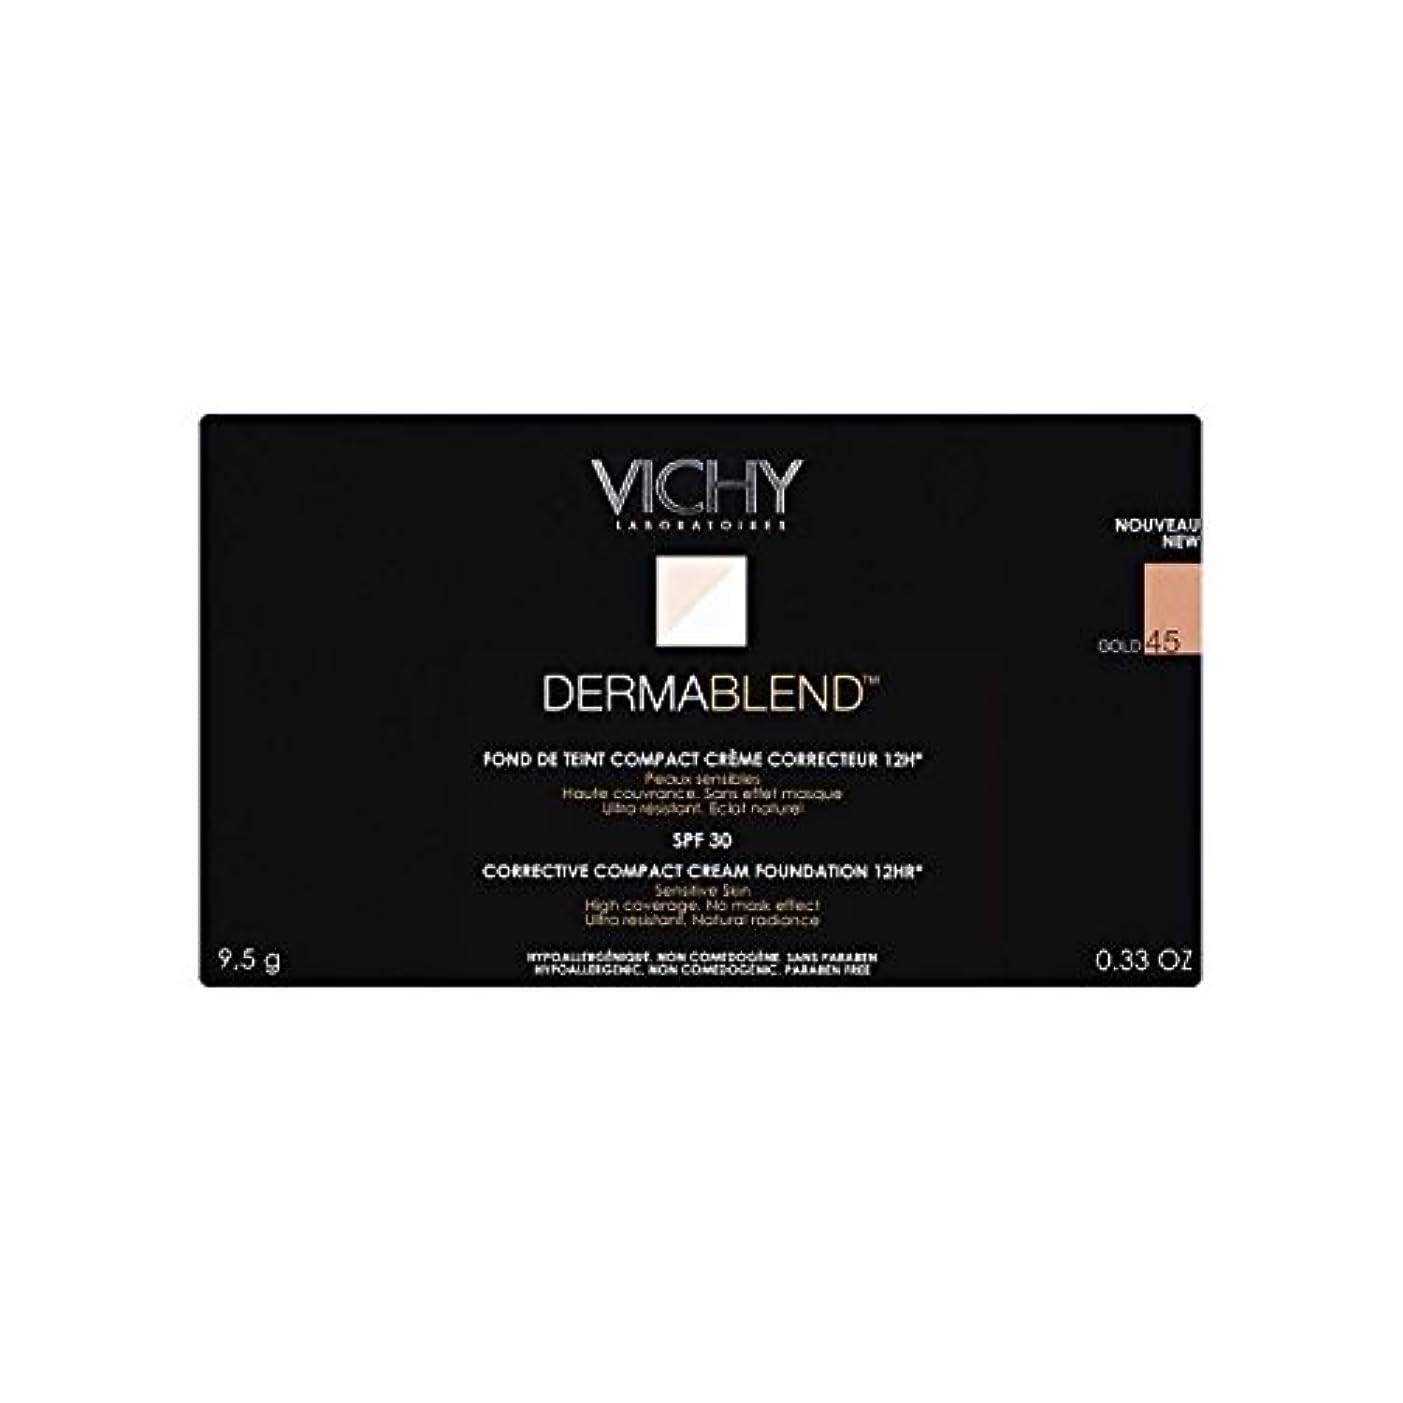 剪断時間厳守同等のVichy Dermablend Corrective Compact Cream Foundation Gold 45 - ヴィシー是正コンパクトクリームファンデーション金45 [並行輸入品]